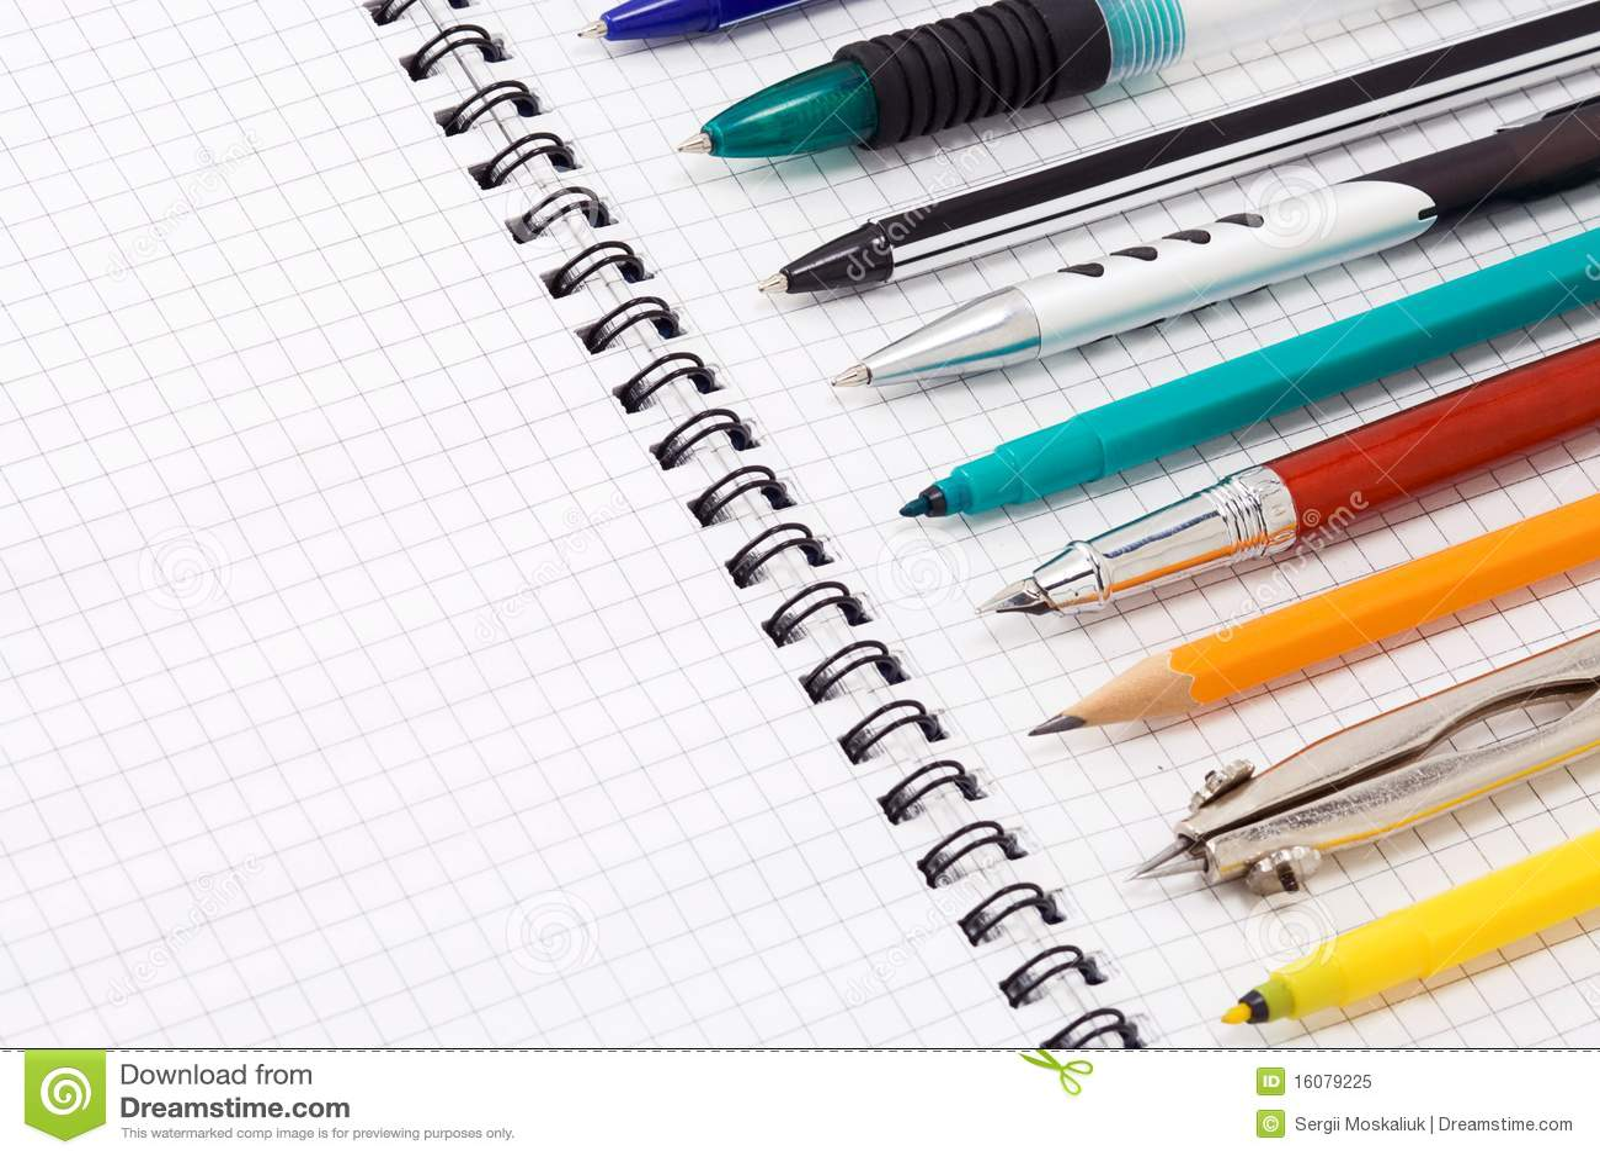 填充笔铅笔